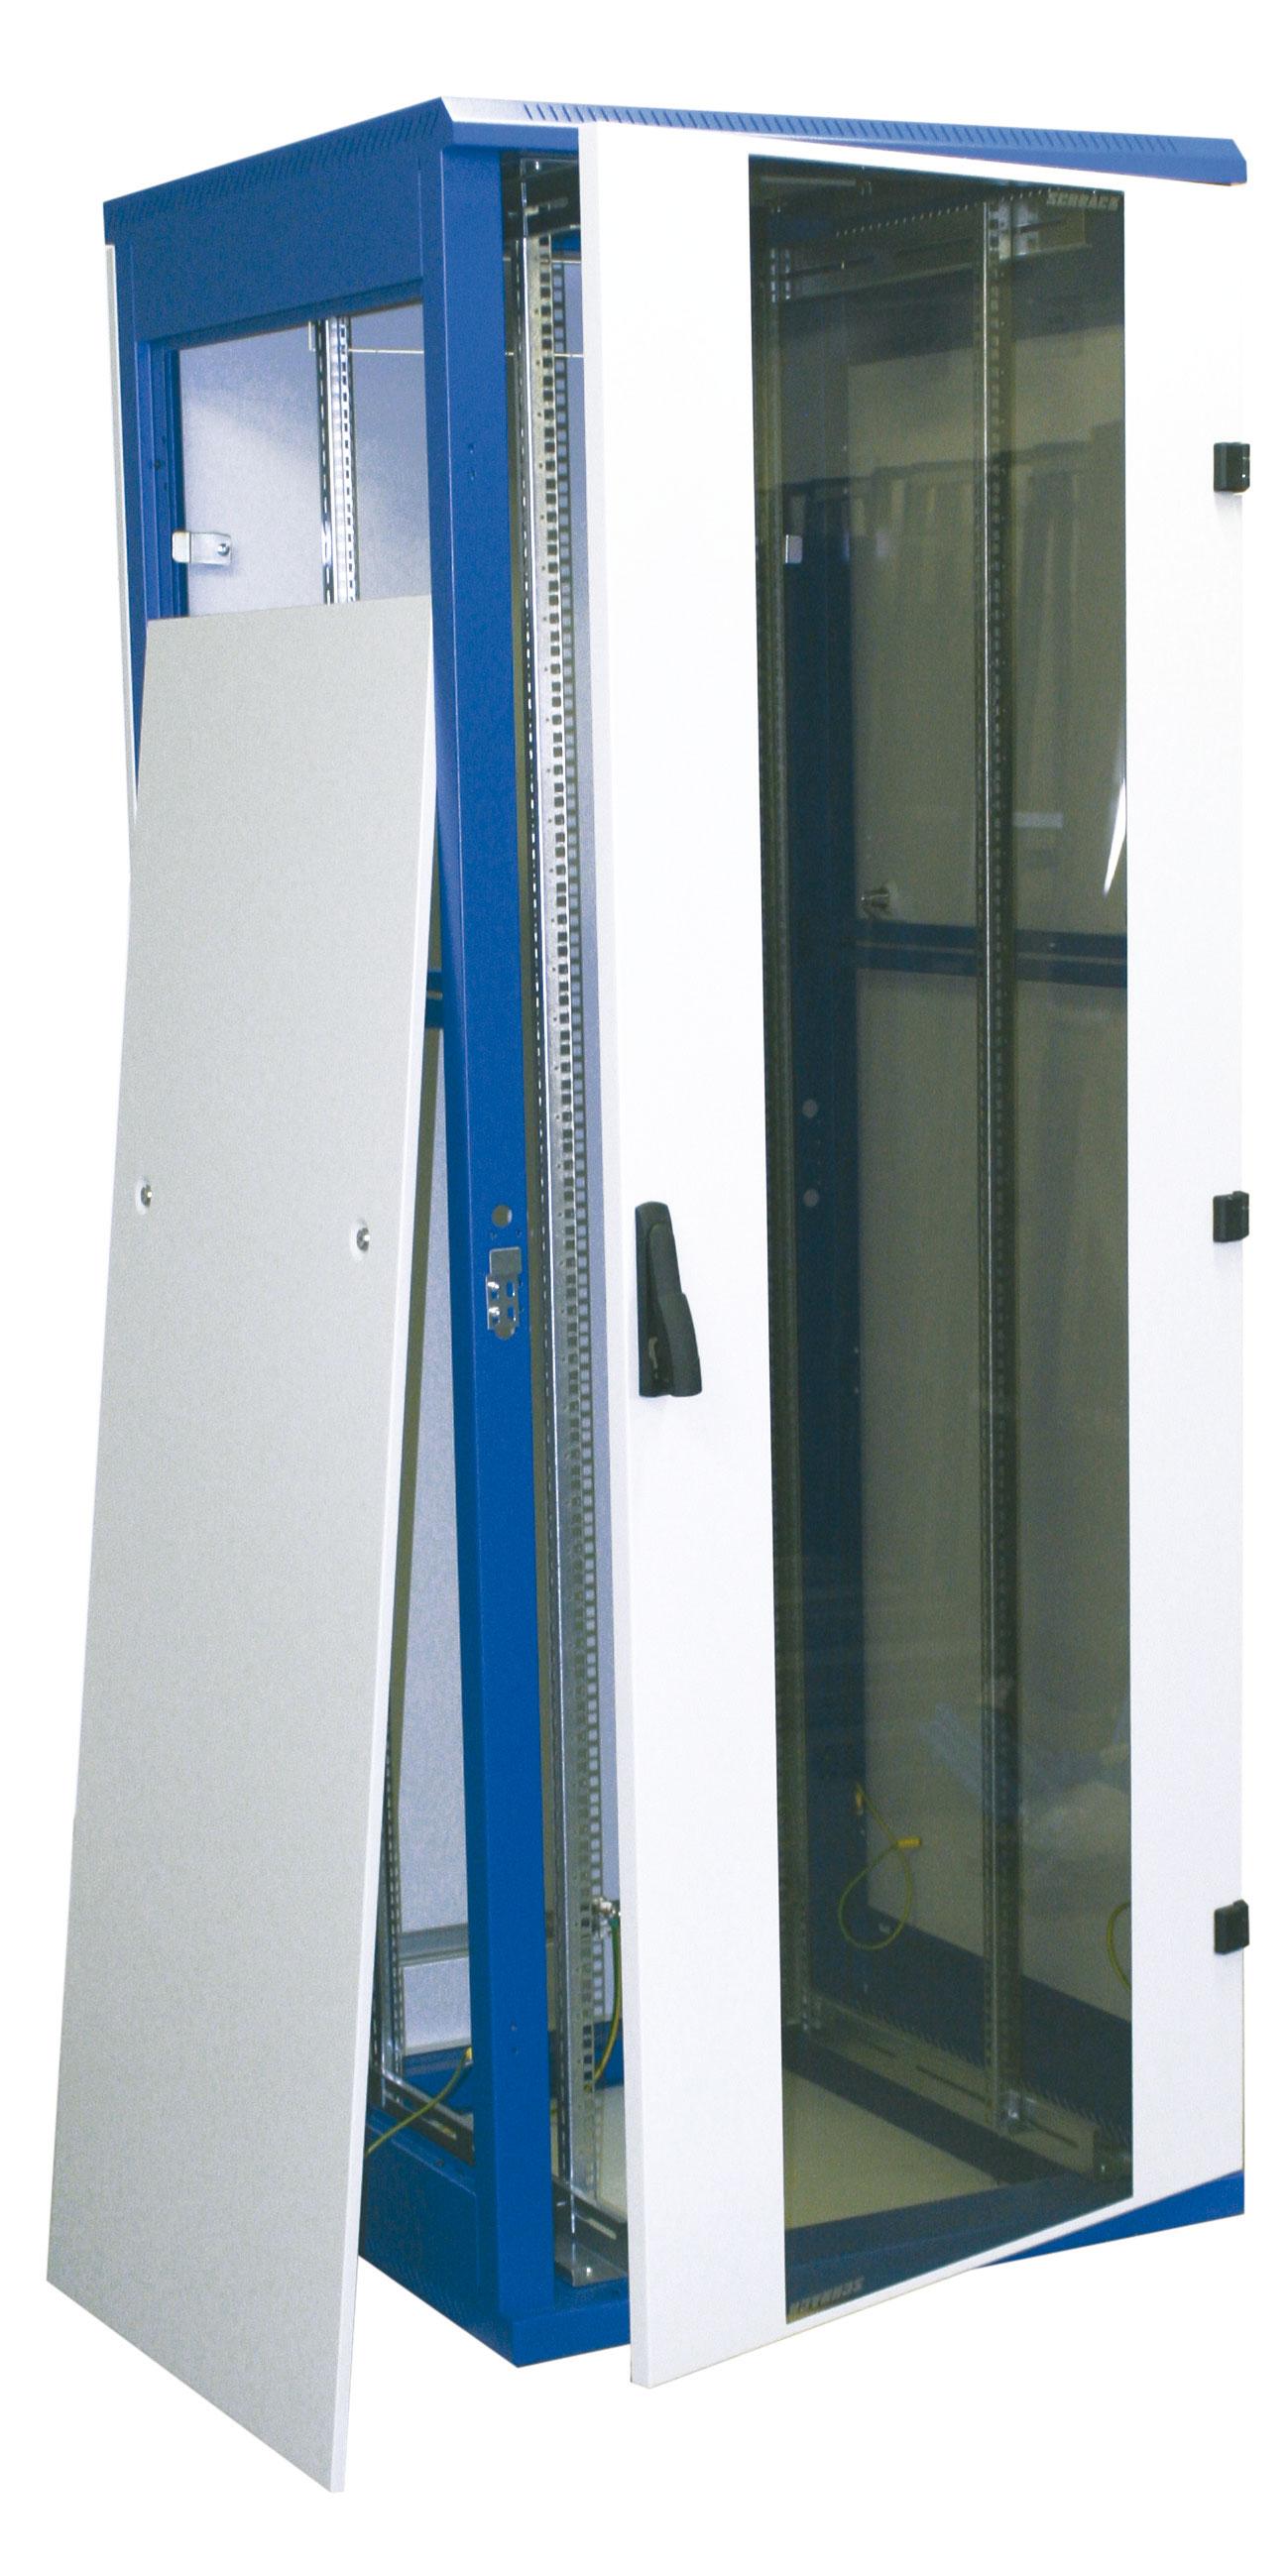 1 Stk Netzwerk-Standschrank DSZ,zerlegbar,B800xH1970xT1000,1942HE DSZ428010-